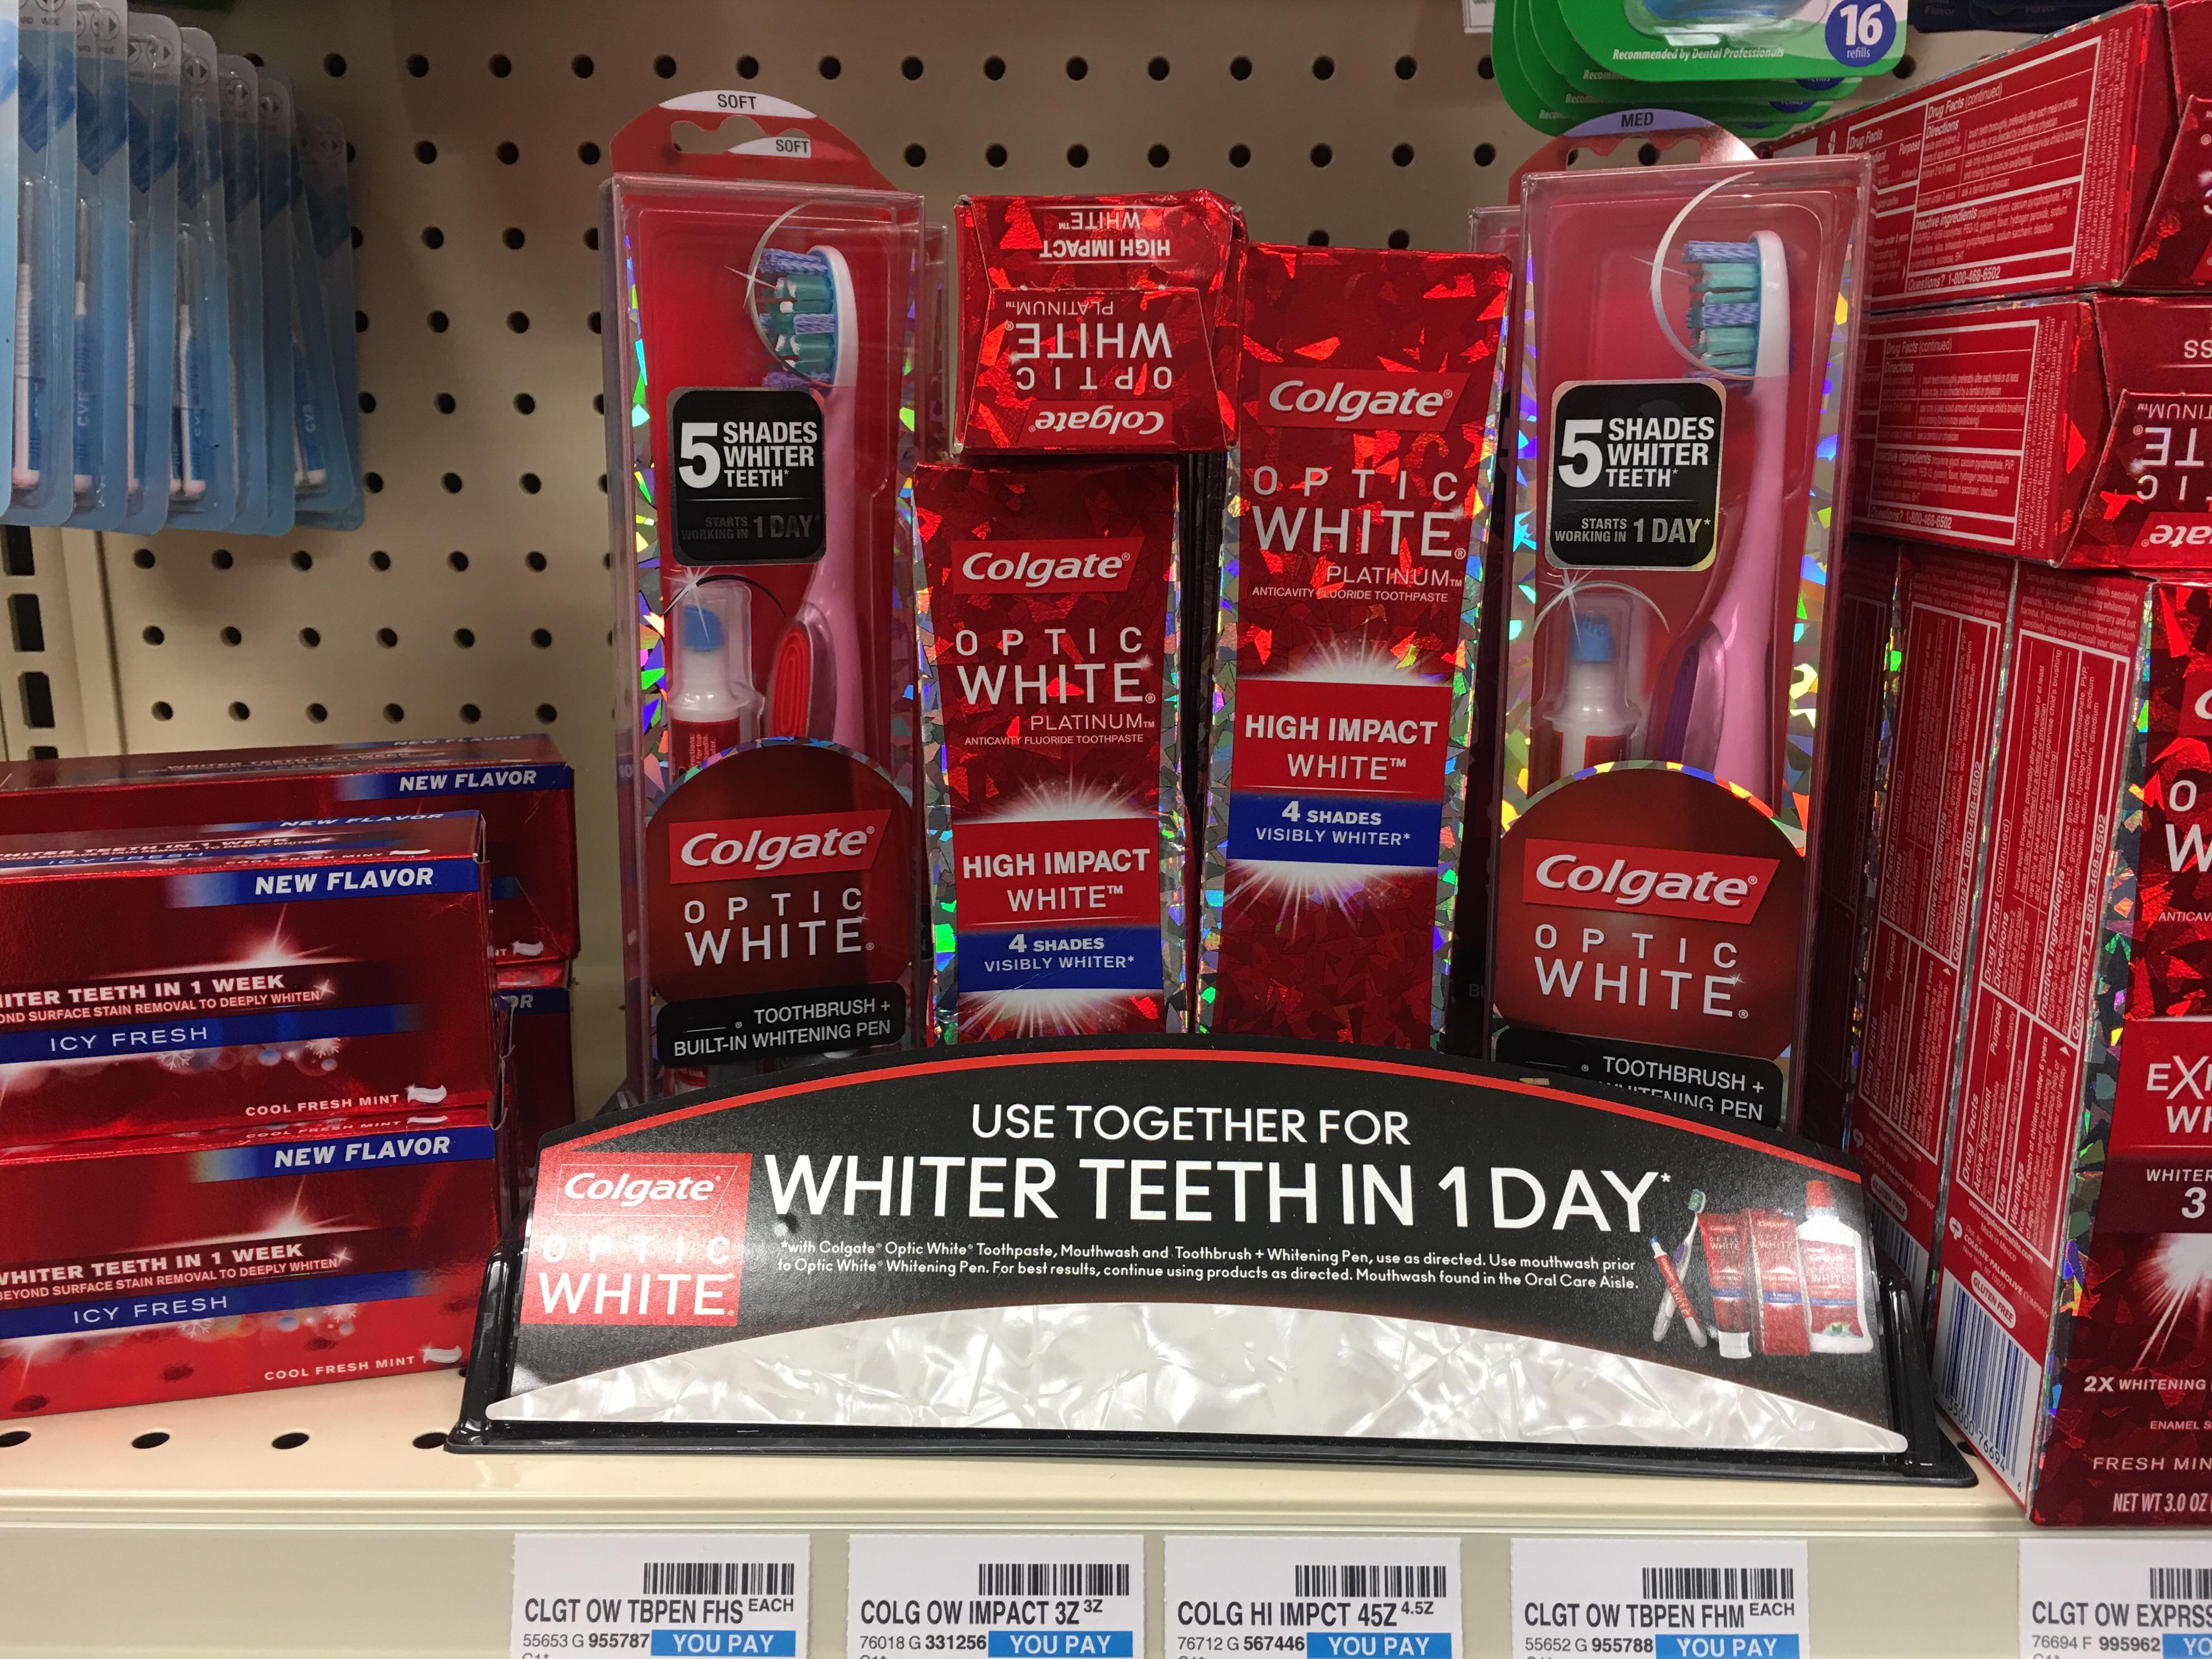 は 買っ 歯磨き粉 て いけない